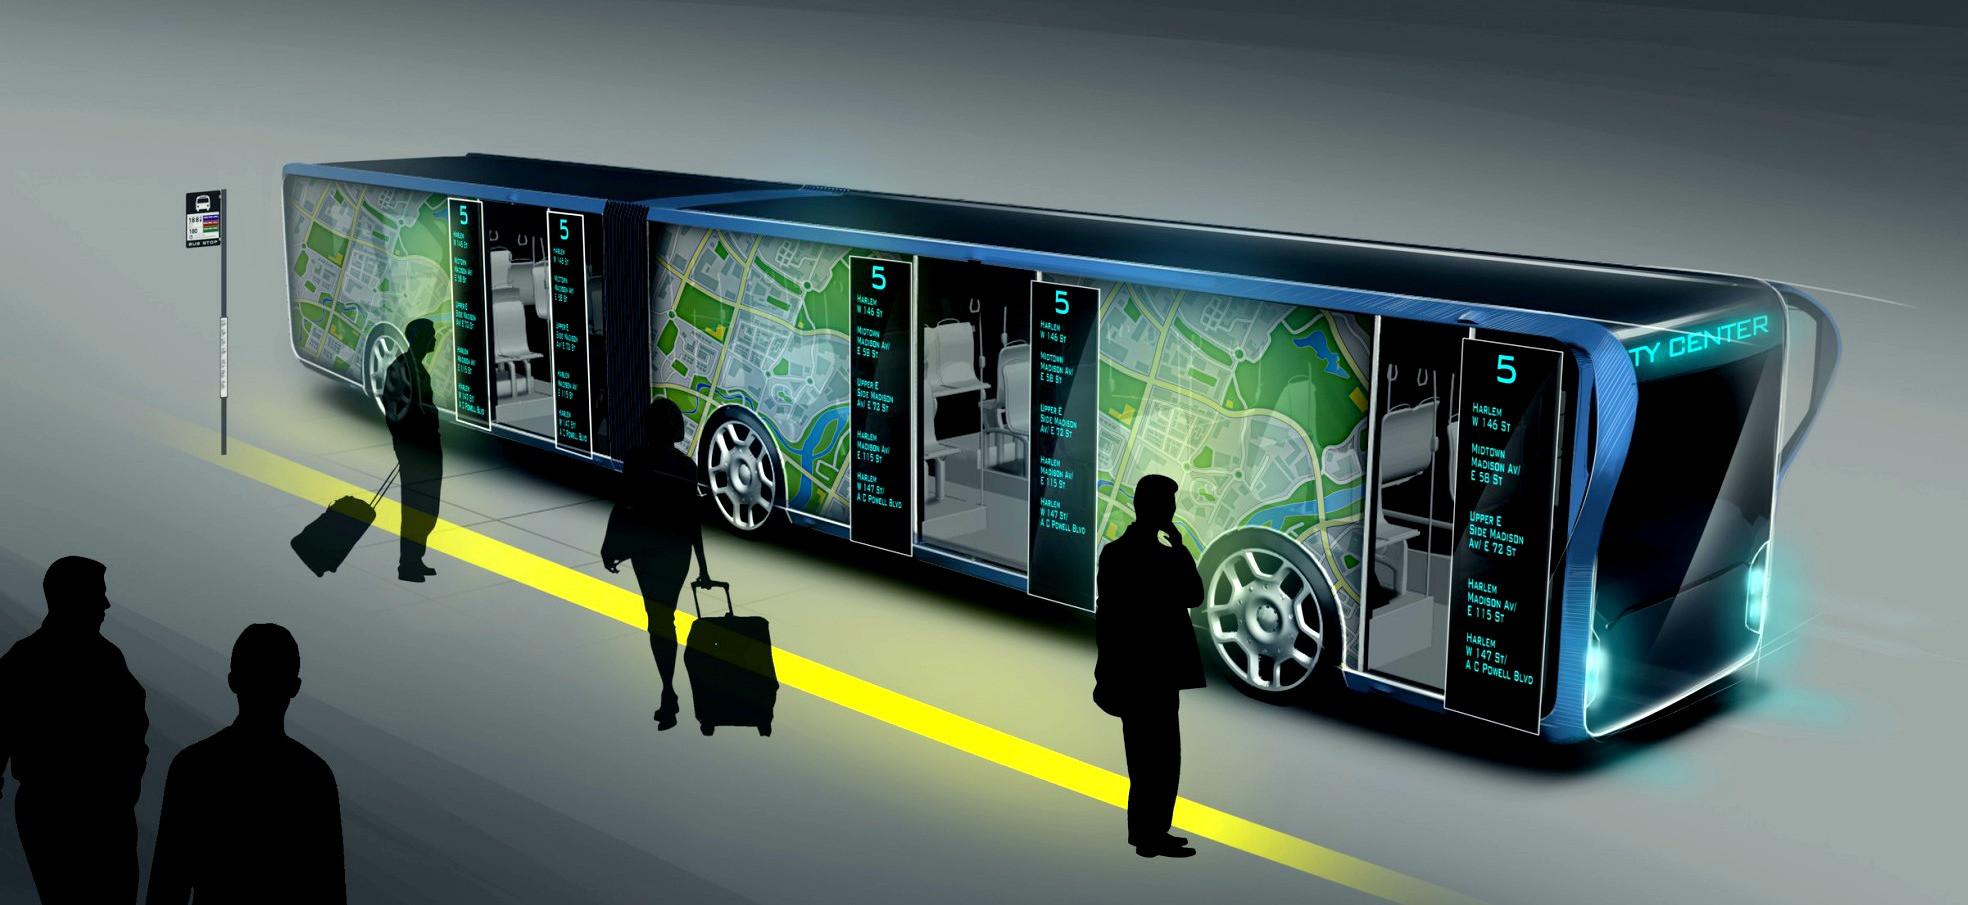 Цифр технол в транспорте